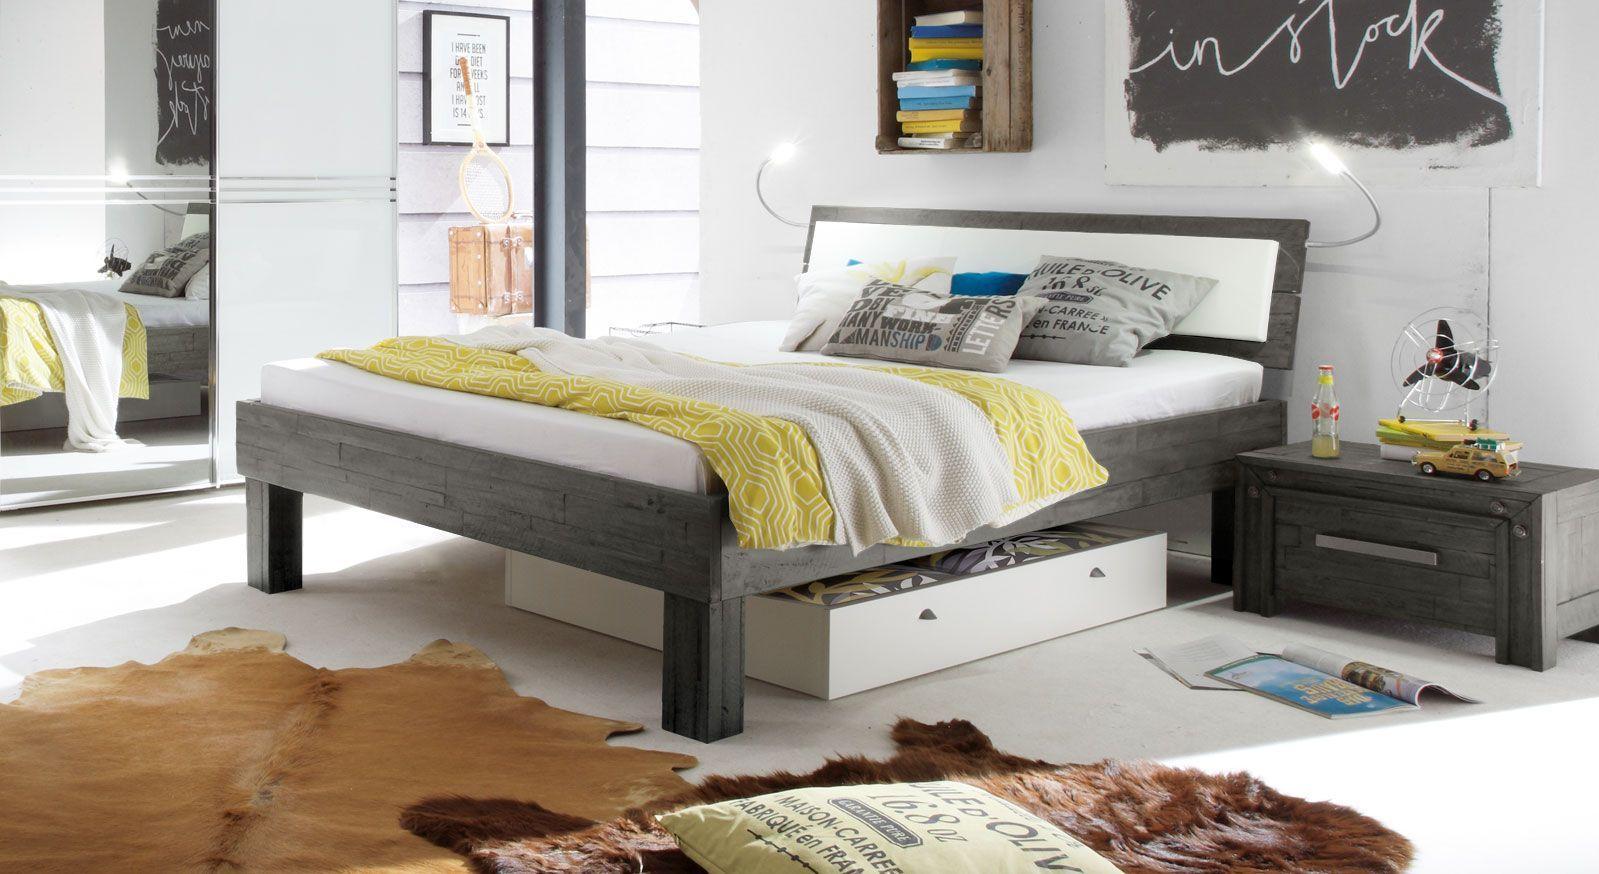 Full Size of Graues Bett Ikea Bettlaken Passende Wandfarbe Kombinieren Waschen 180x200 Dunkel Samtsofa Welche 160x200 120x200 140x200 Im Industrial Design Aus Akazie Bett Graues Bett